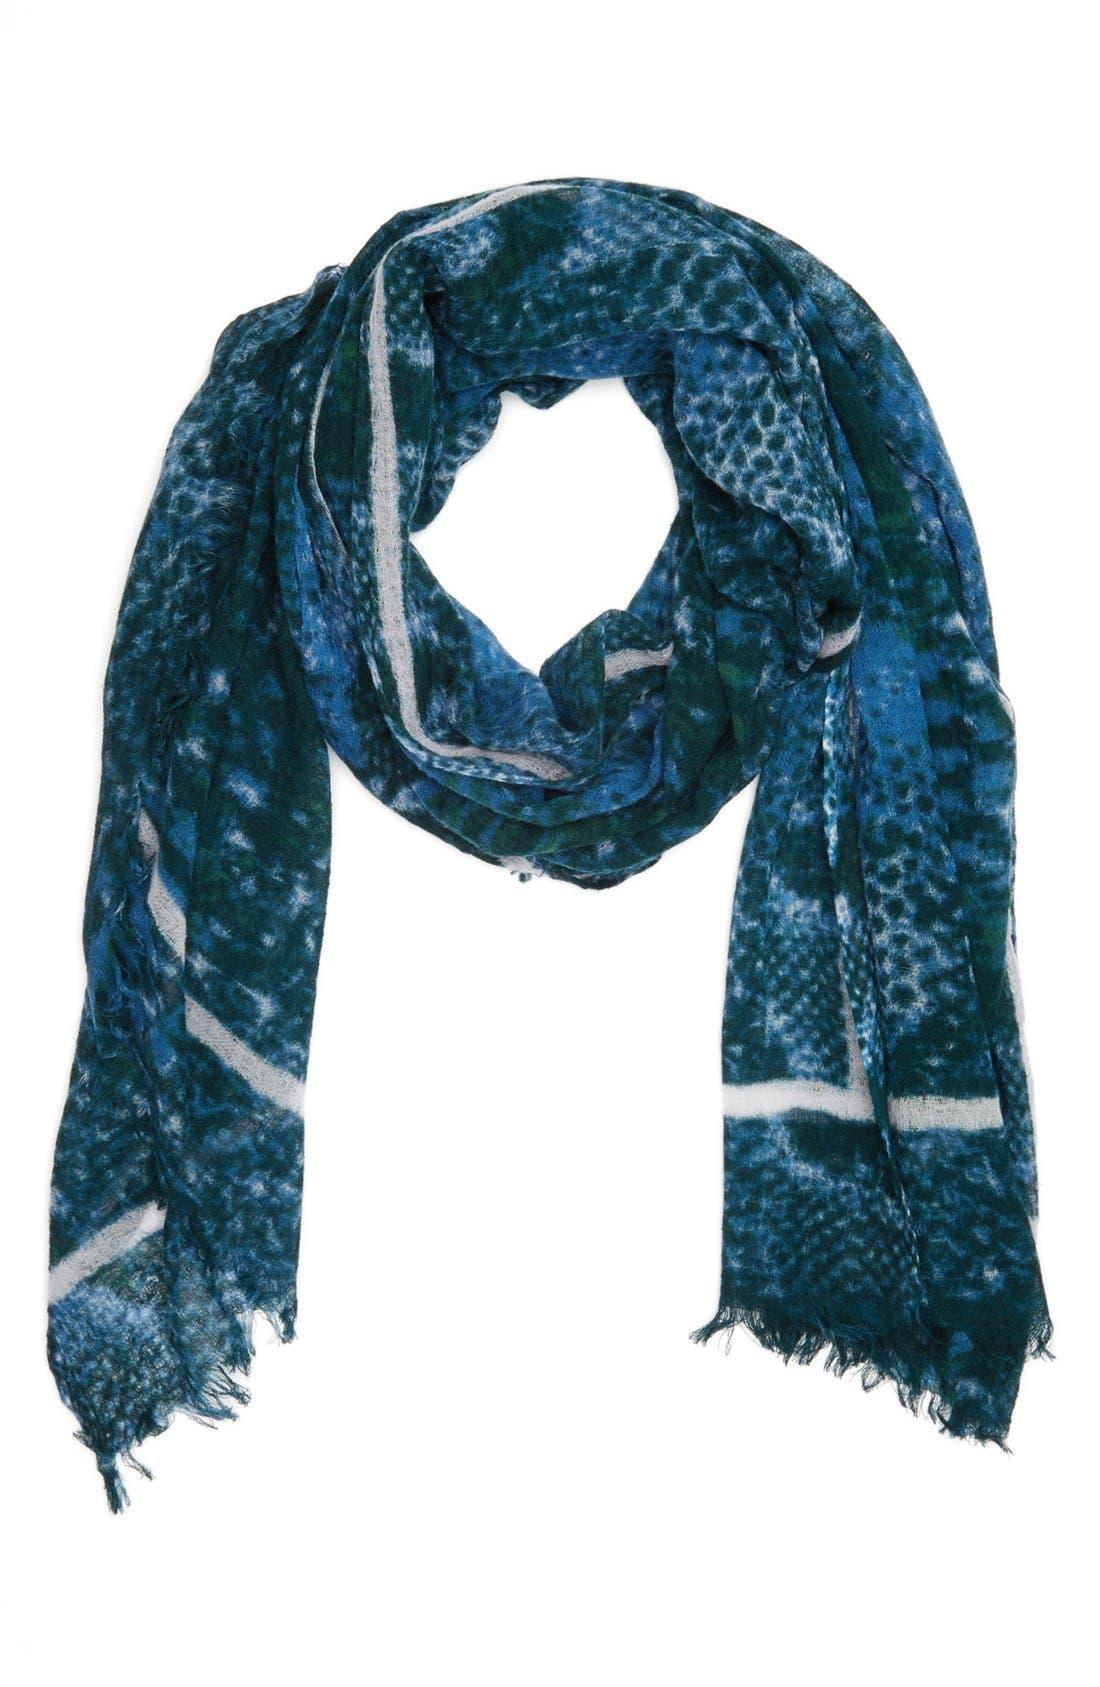 Alternate Image 1 Selected - Nordstrom 'Serpentine' Wool Gauze Scarf